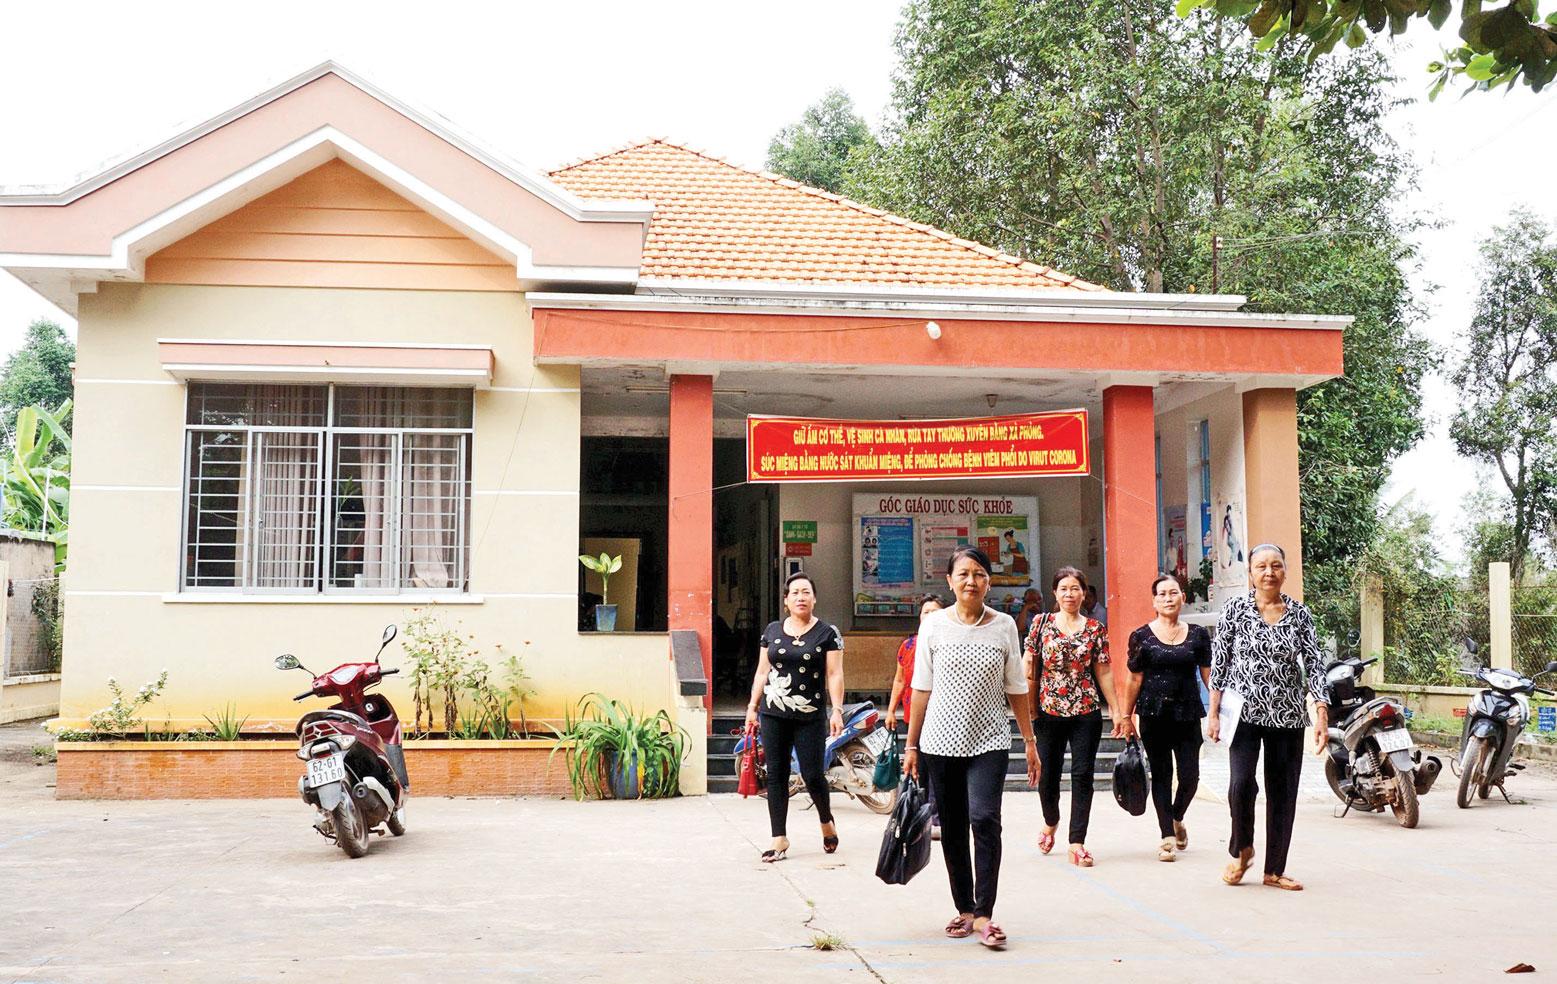 Người dân xã Long Thạnh thường chọn đến Trạm Y tế xã khám, điều trị khi mắc các bệnh thông thường